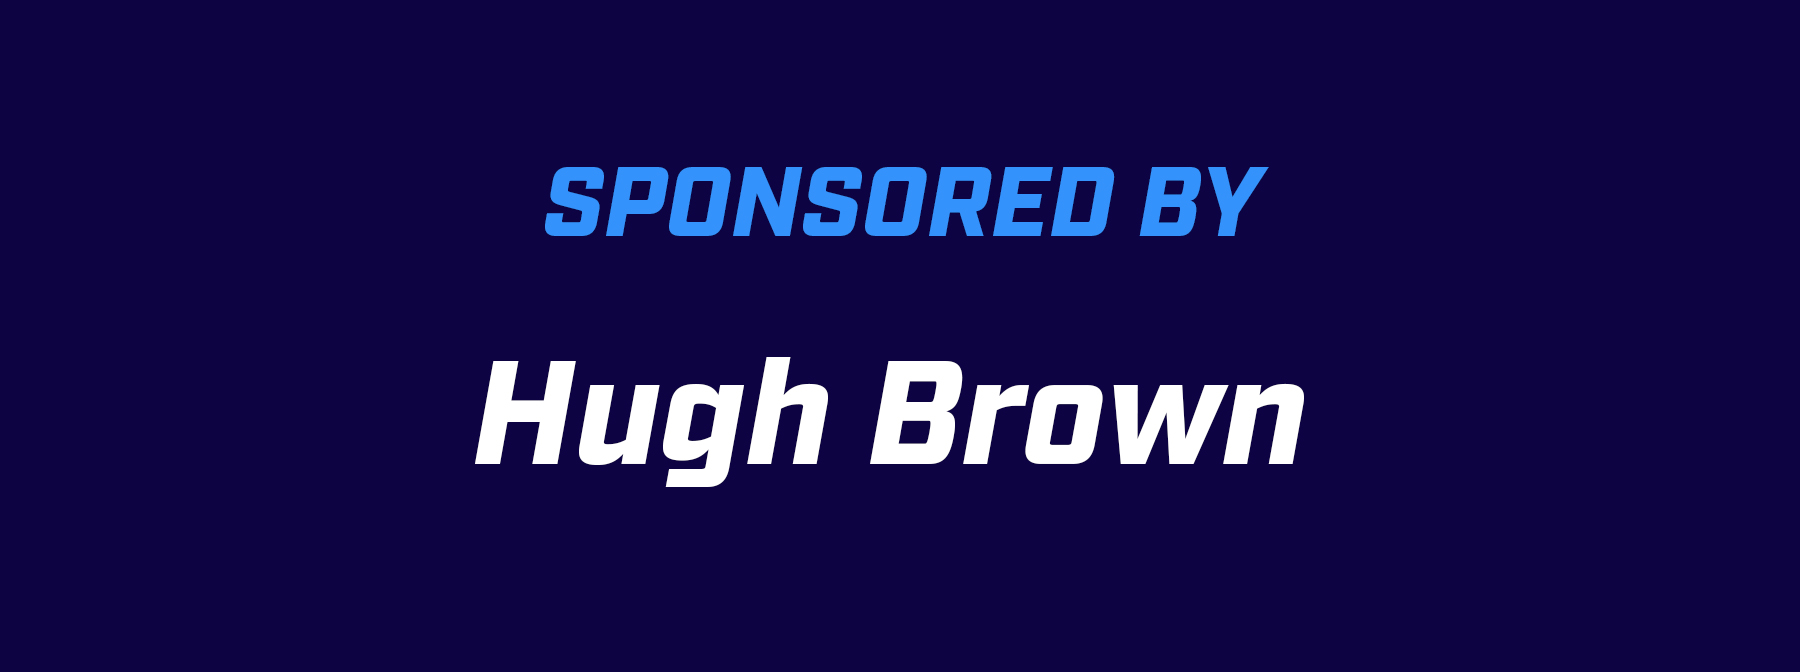 hughbrown.jpg